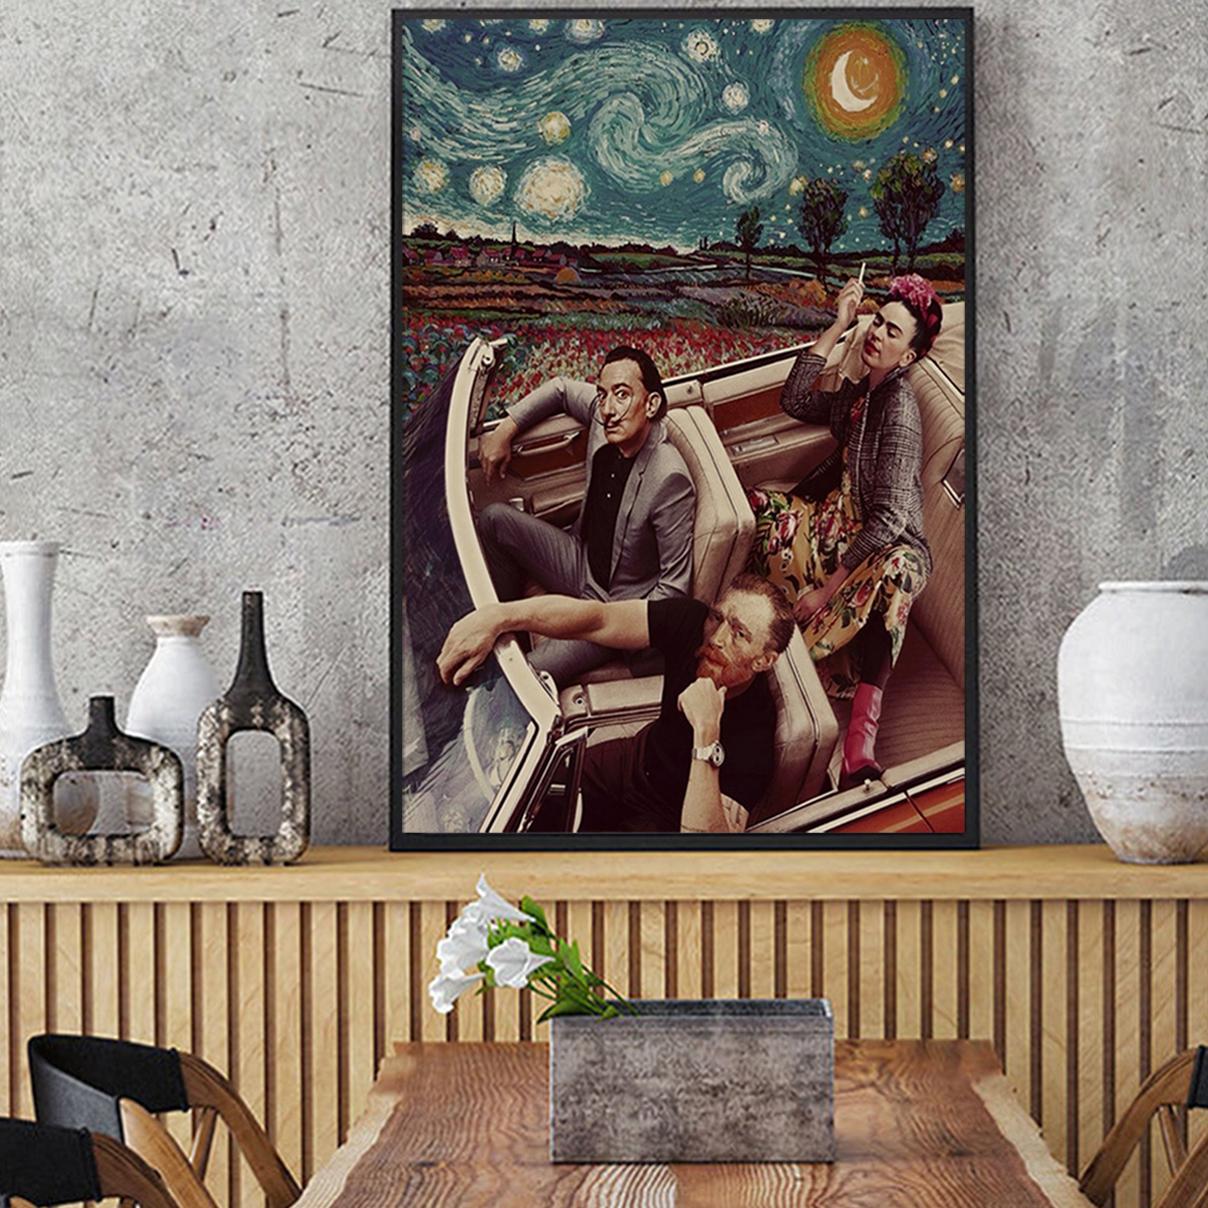 Frida kahlo salvador dali van gogh driving poster A3